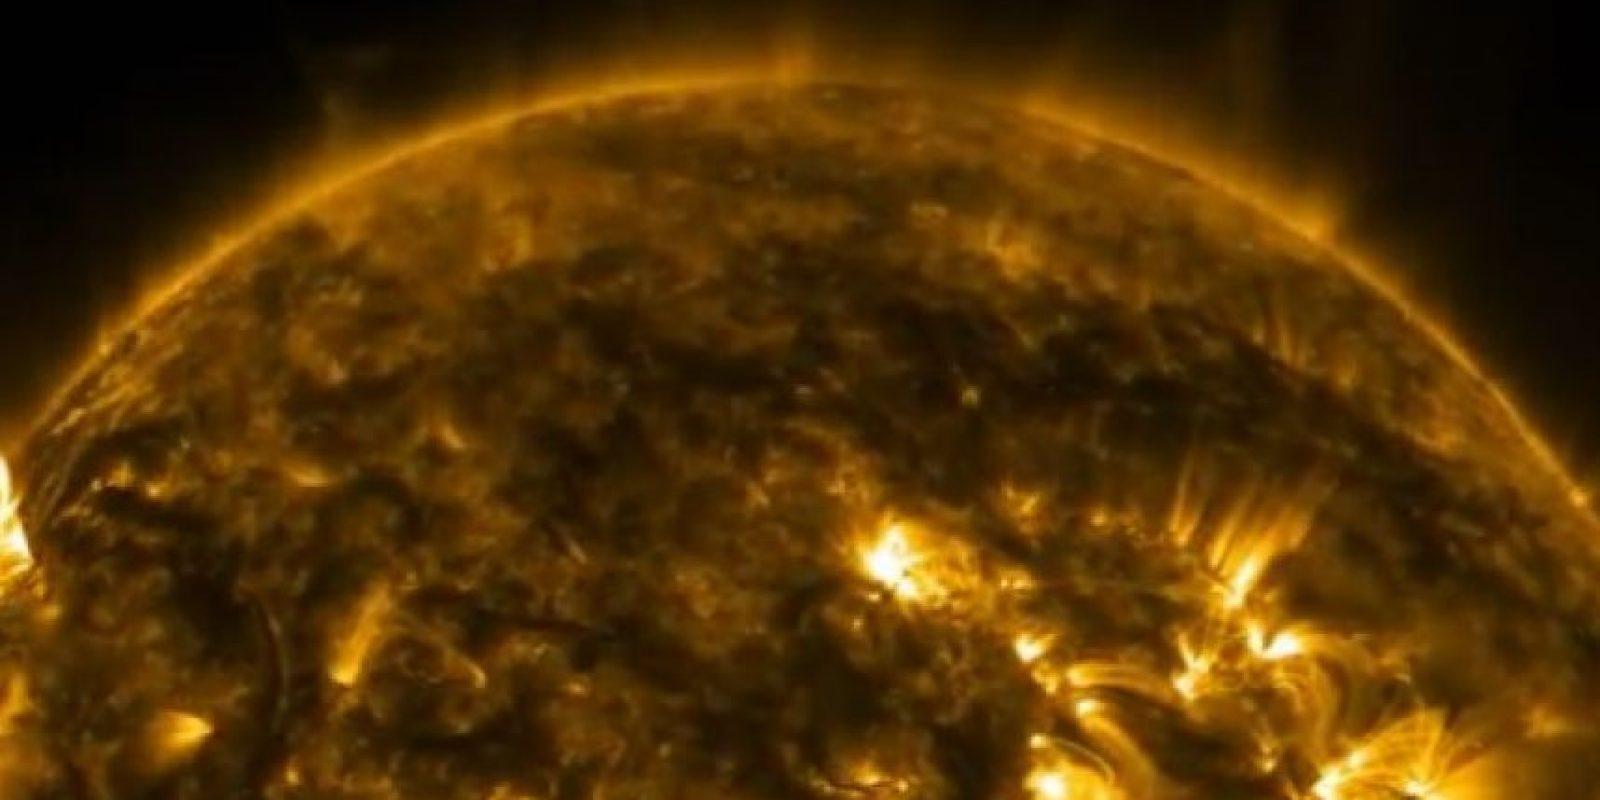 El Sol en ultra alta definición Foto:Nasa